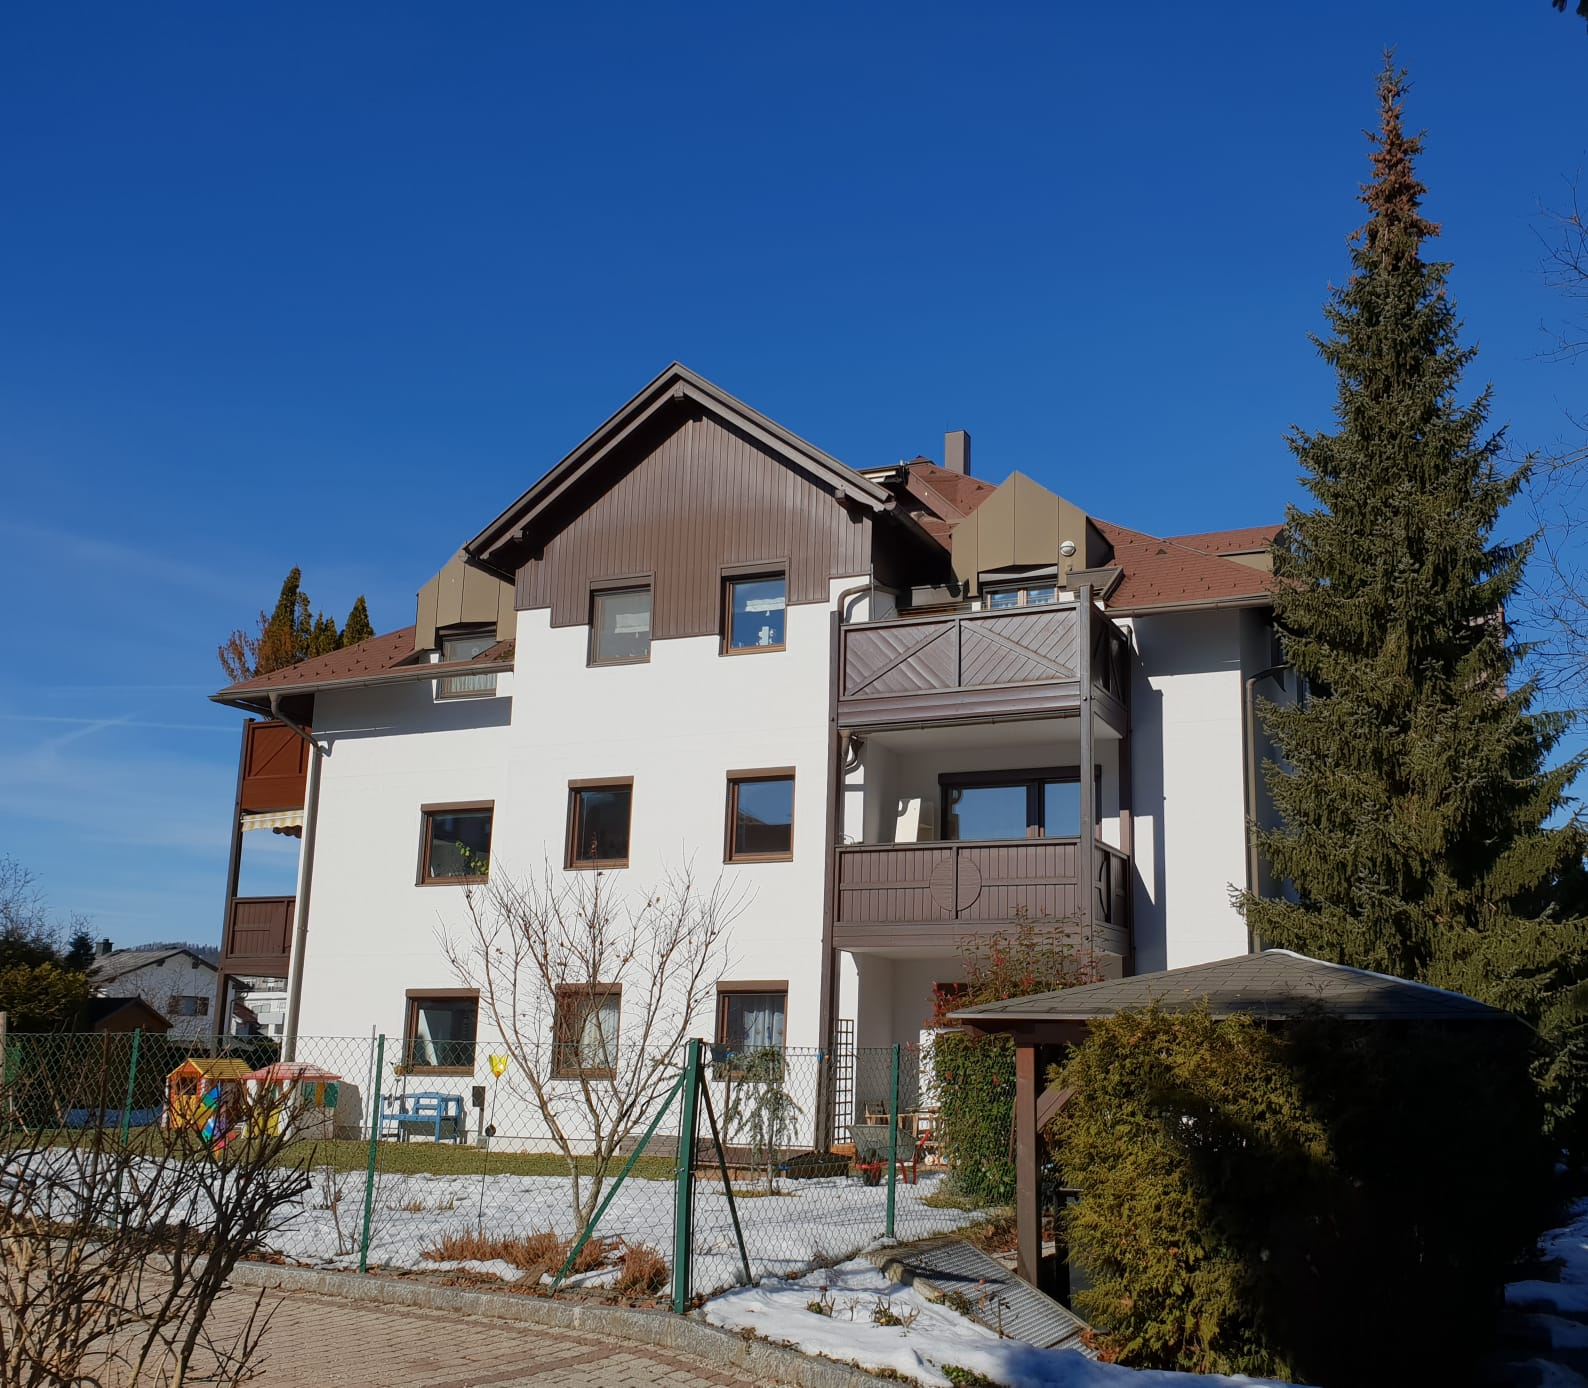 Kranzmayerstrasse, Klagenfurt, Real-Wohnbau, Seenähe, Uni- Nähe